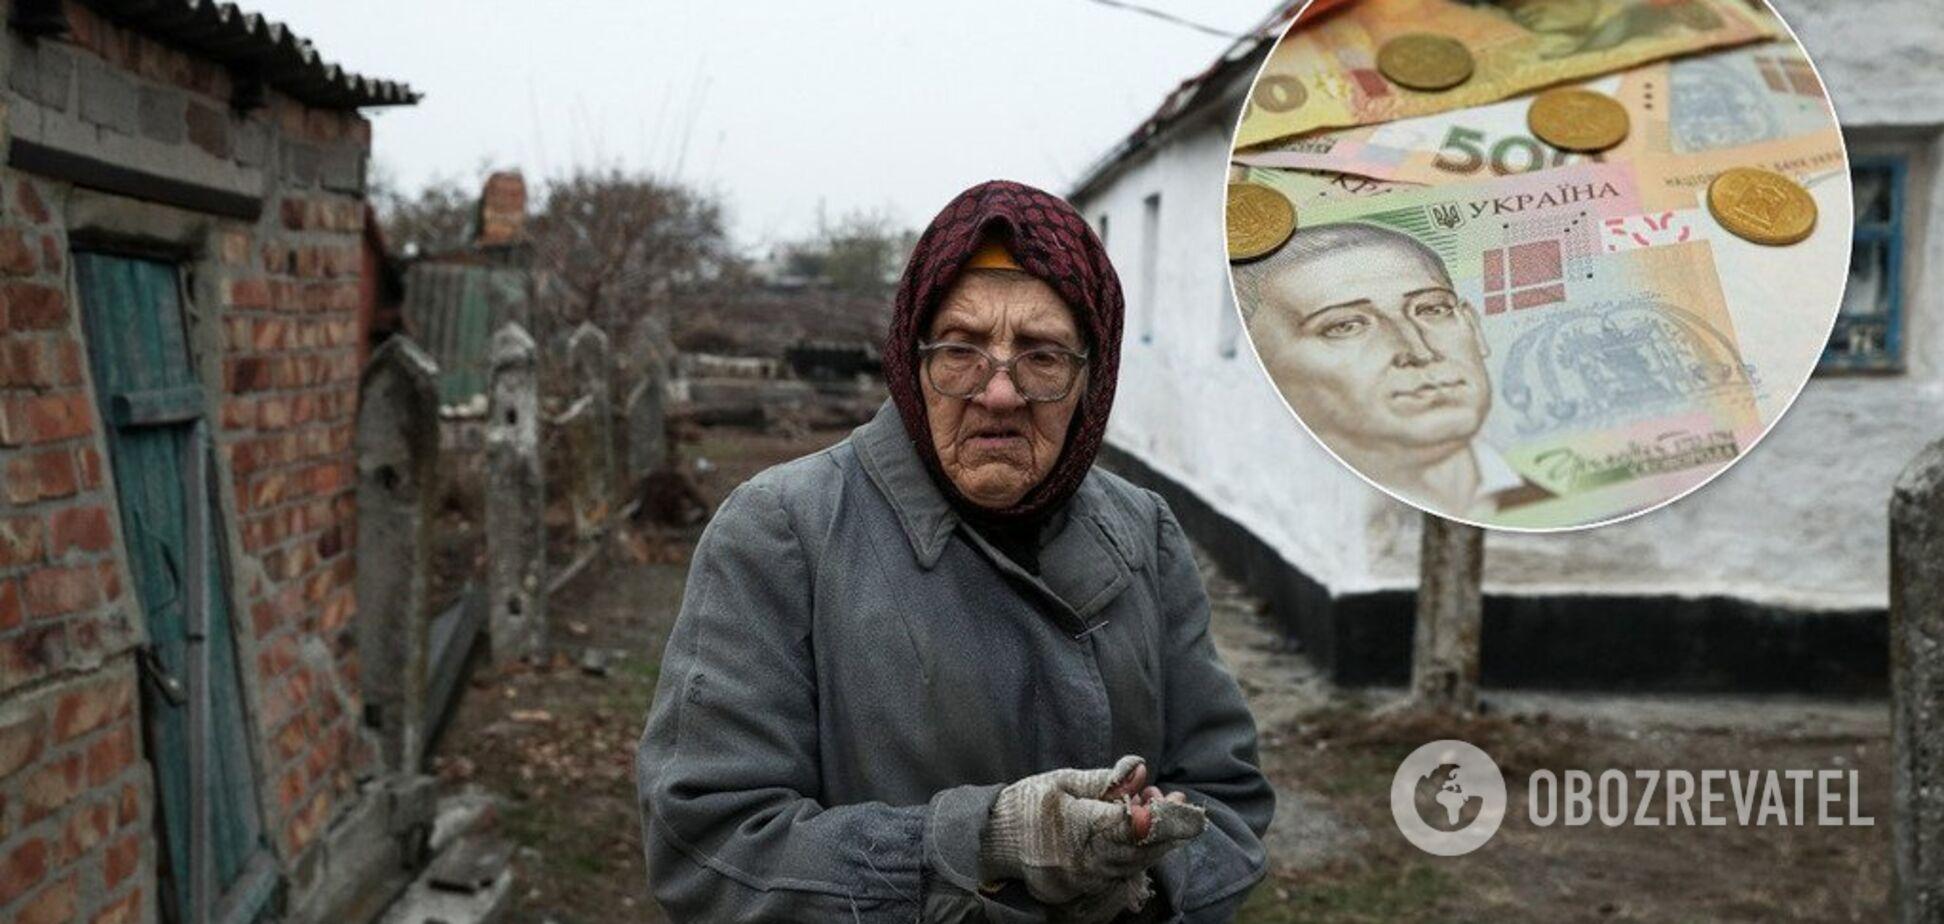 В Україні зібралися повернути пенсії для 'Л/ДНР': скільки коштуватиме ця ініціатива